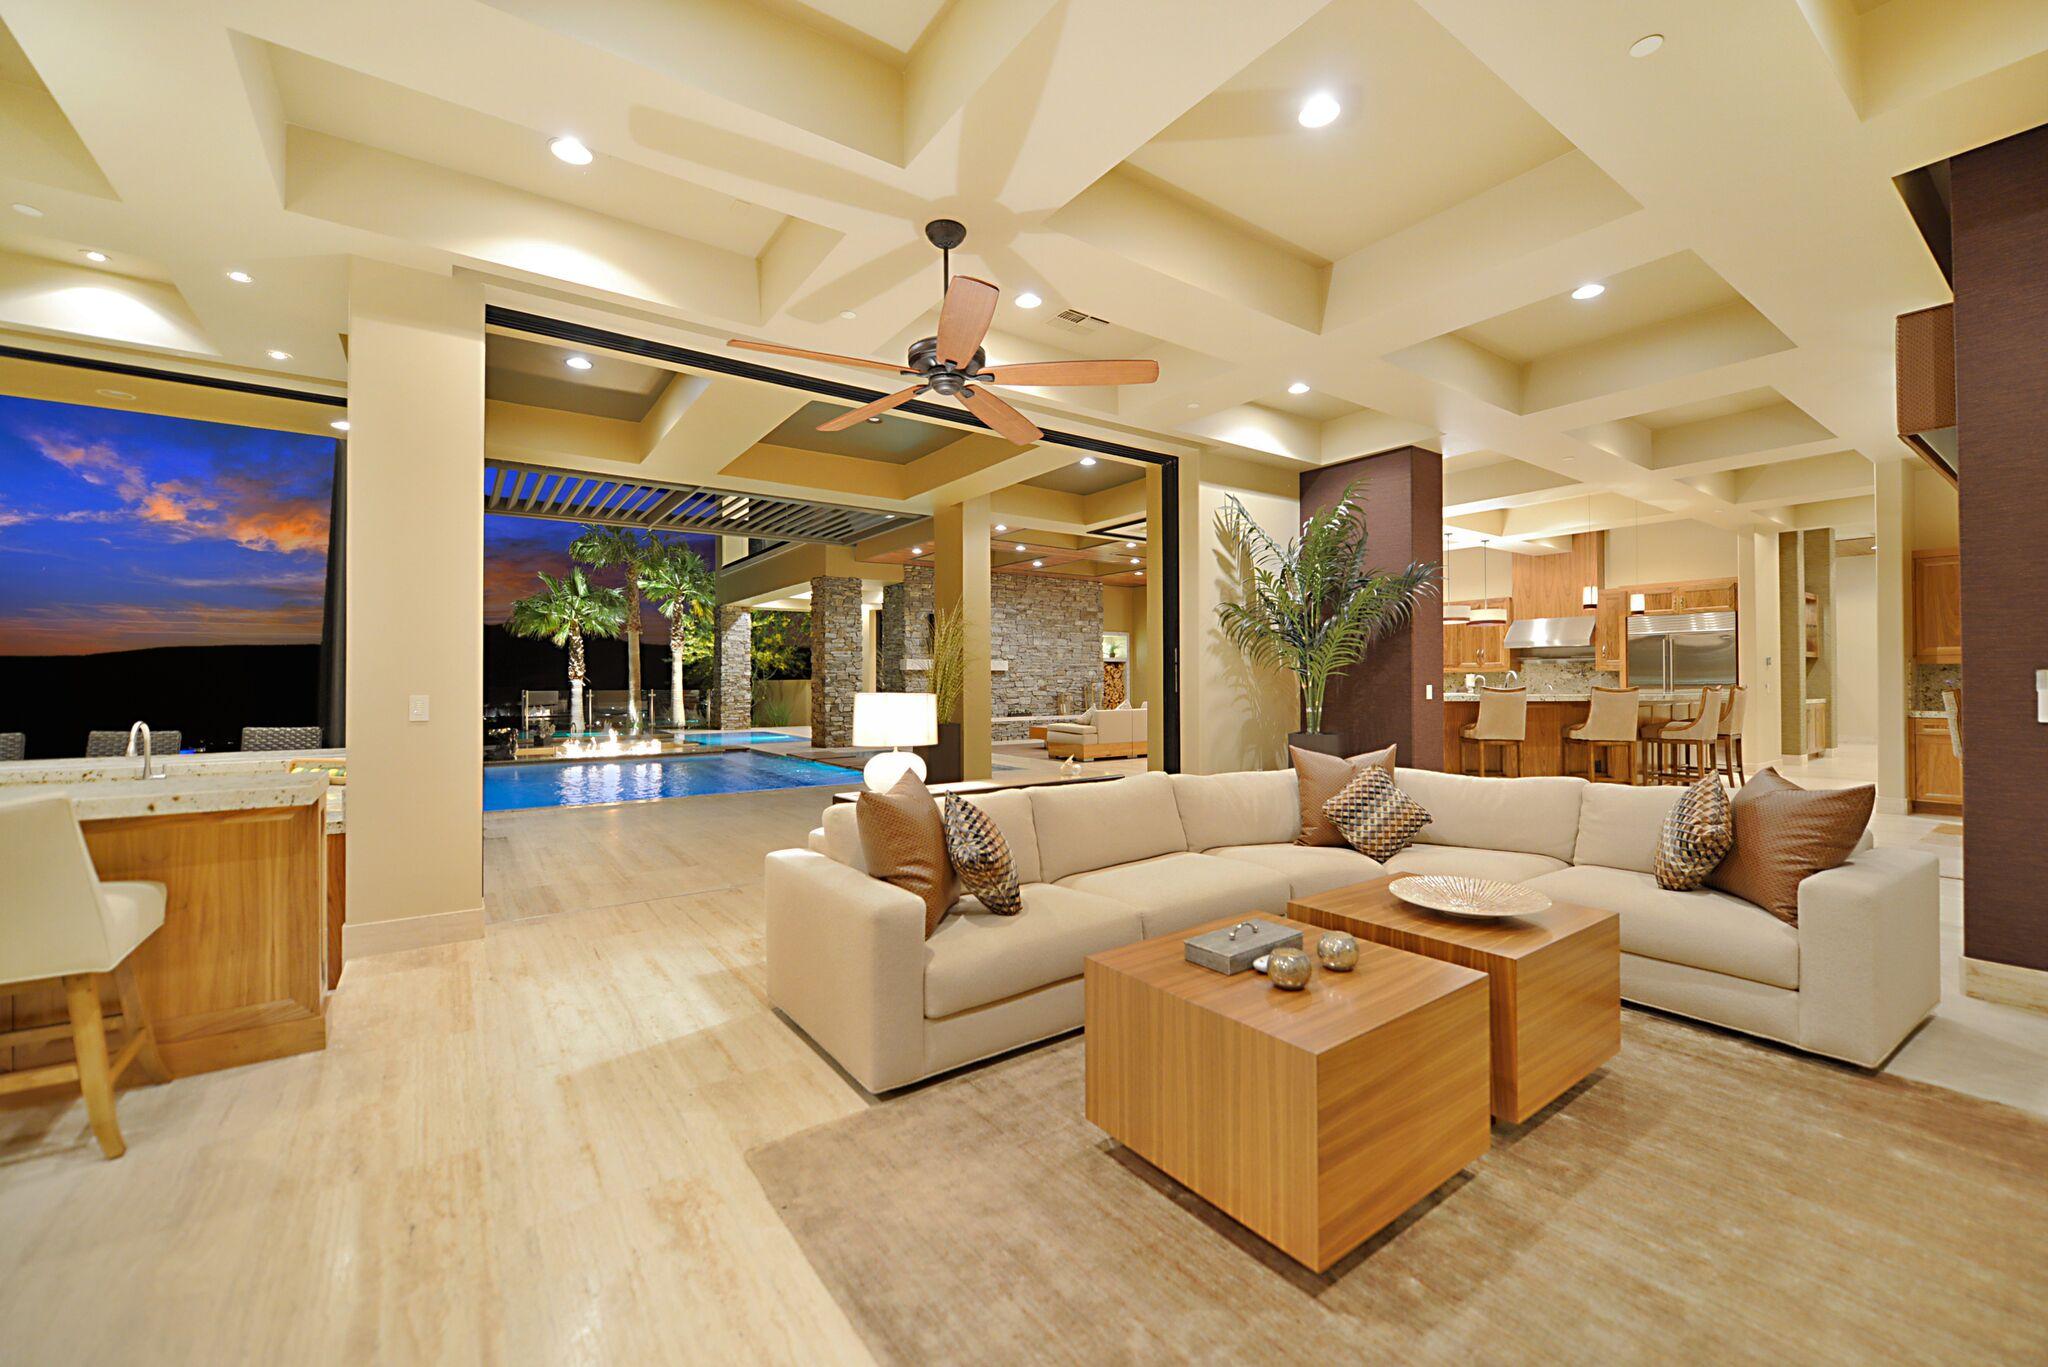 Seven Hills Homes For Sale Las Vegas